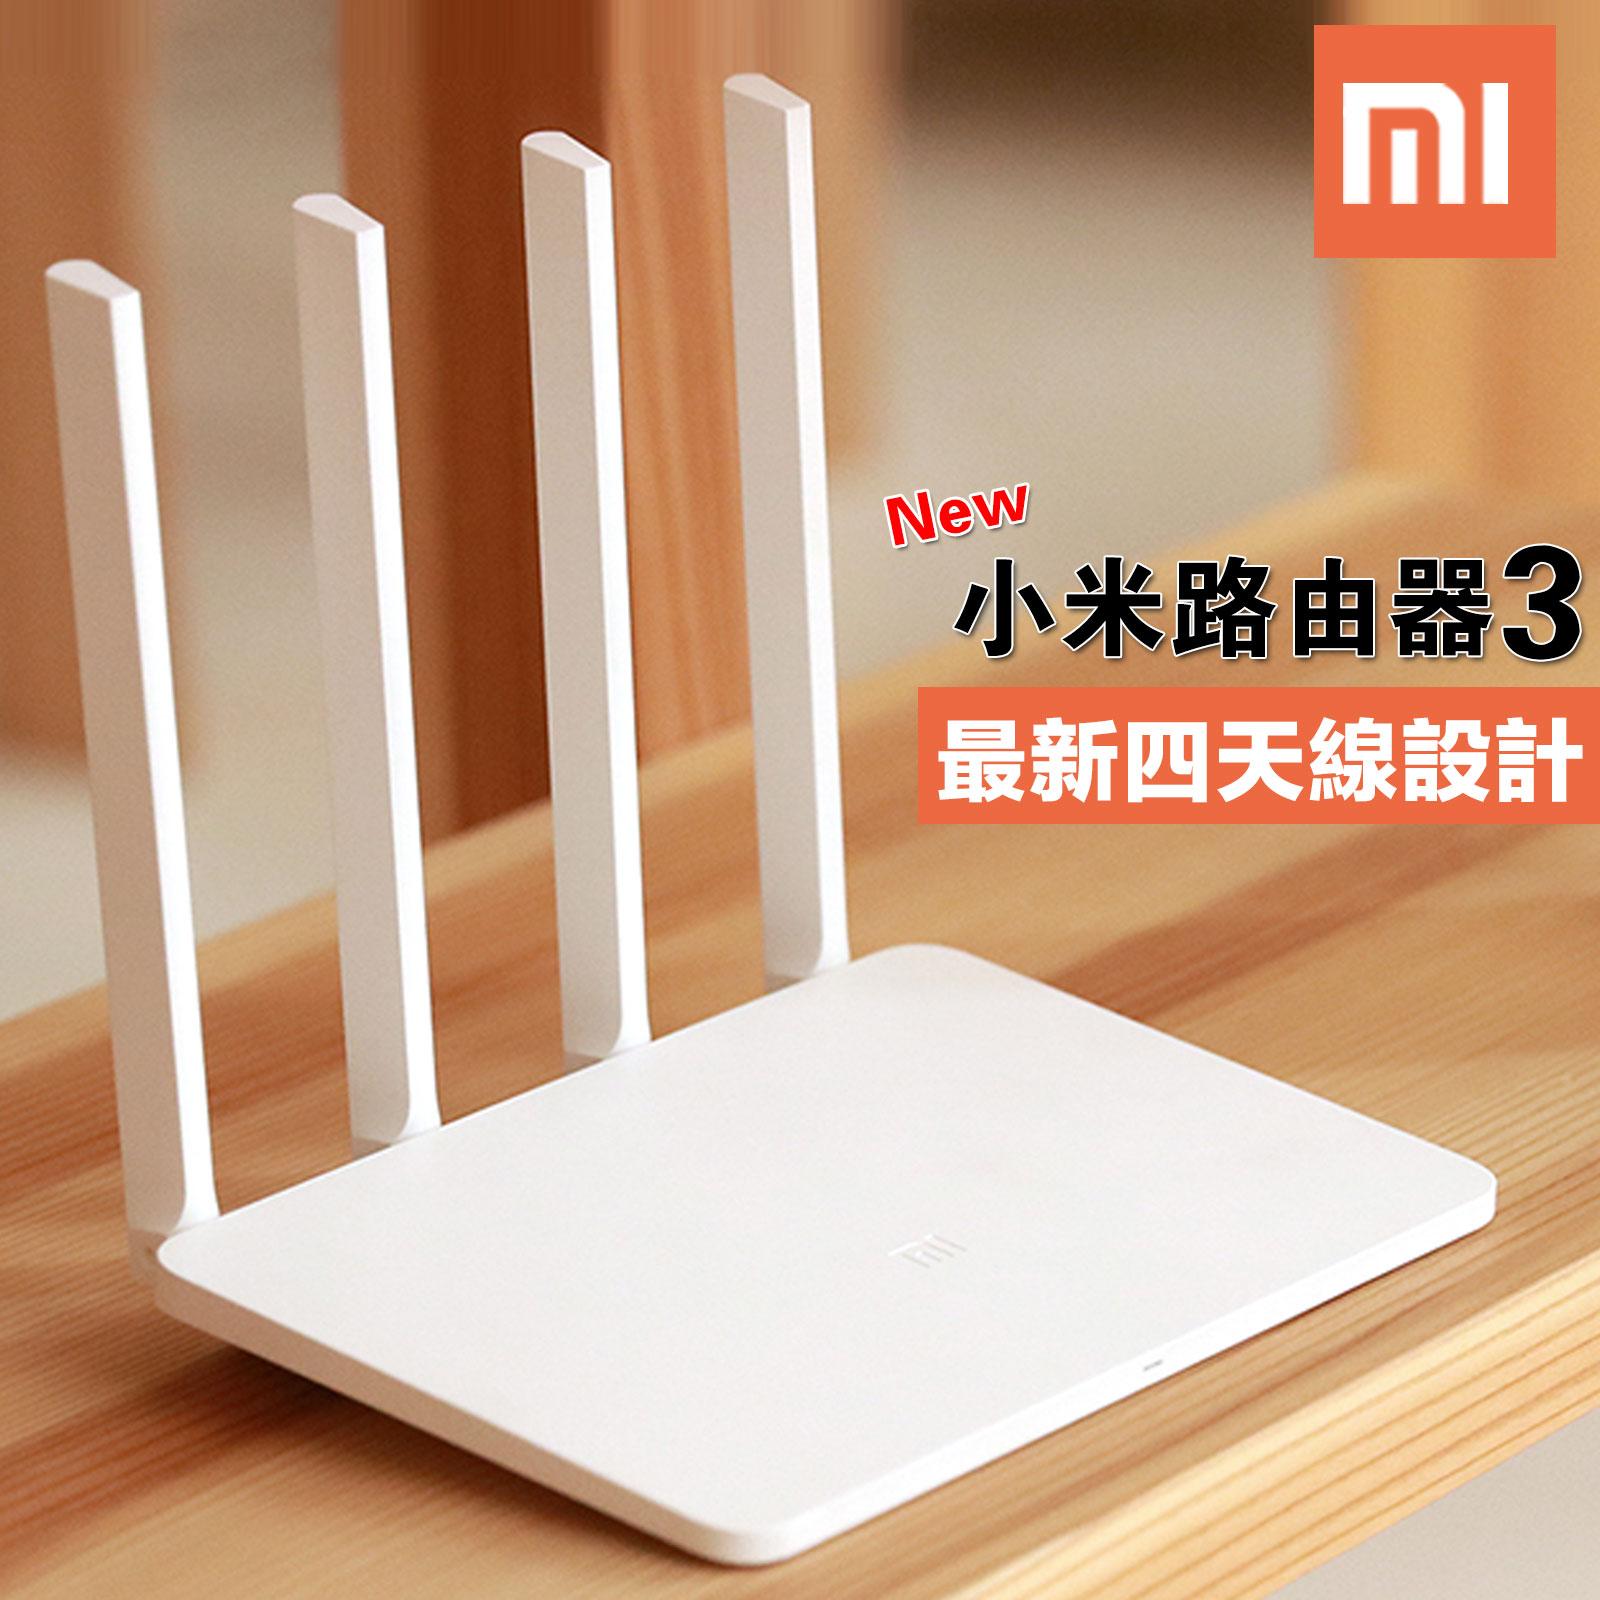 【原廠正貨】最新小米路由器 3代 WiFi 4天線 5G 寬頻 無線上網【O3214】☆雙兒網☆ 3